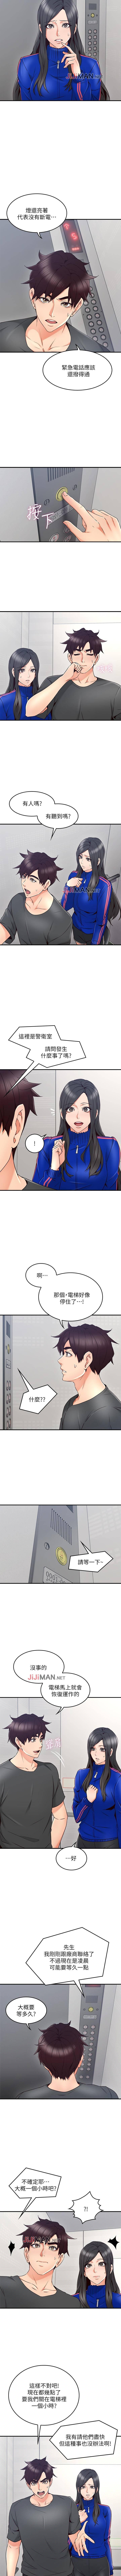 【周六更新】邻居人妻(作者:李周元 & 頸枕) 第1~50话 179